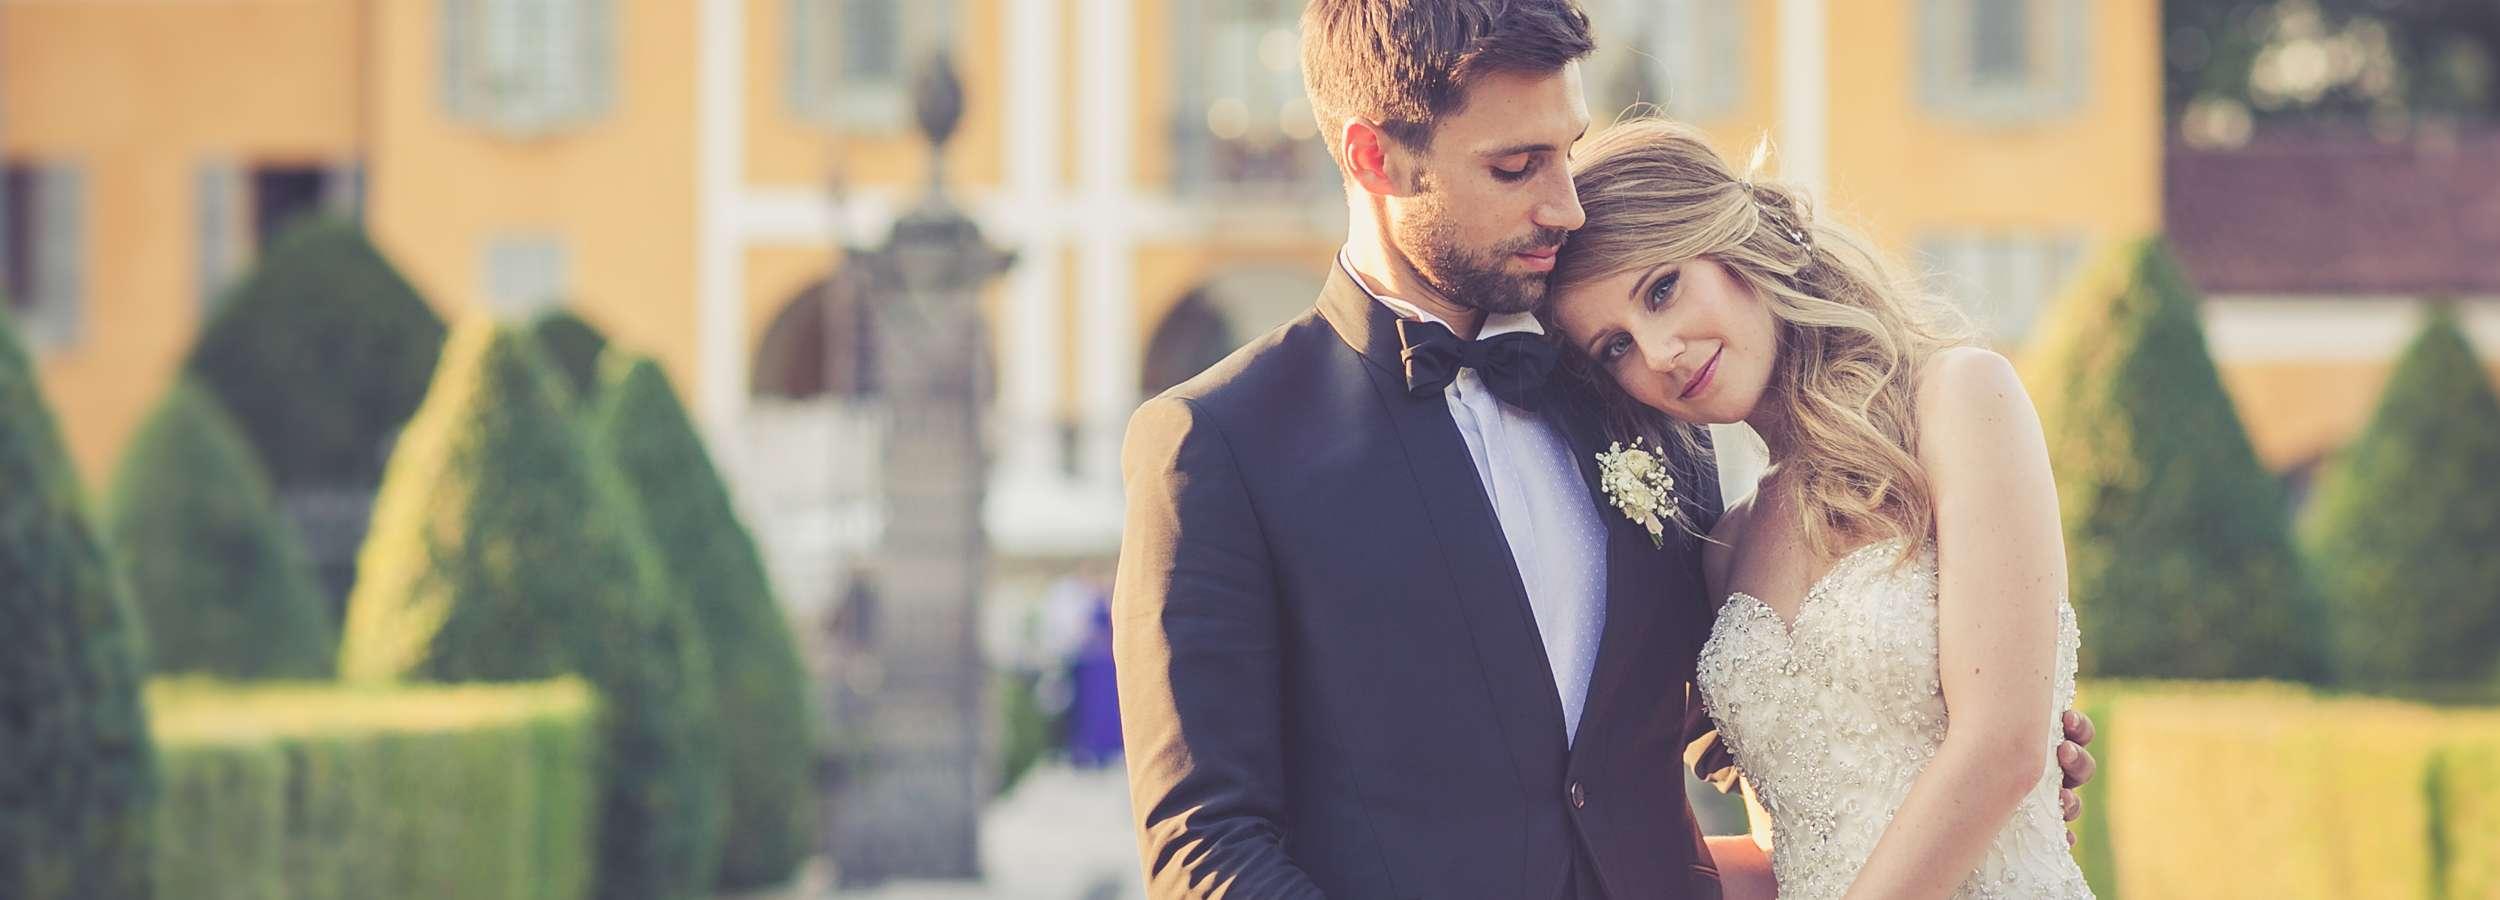 Fotografo Matrimonio a Villa Valenca, Franciacorta